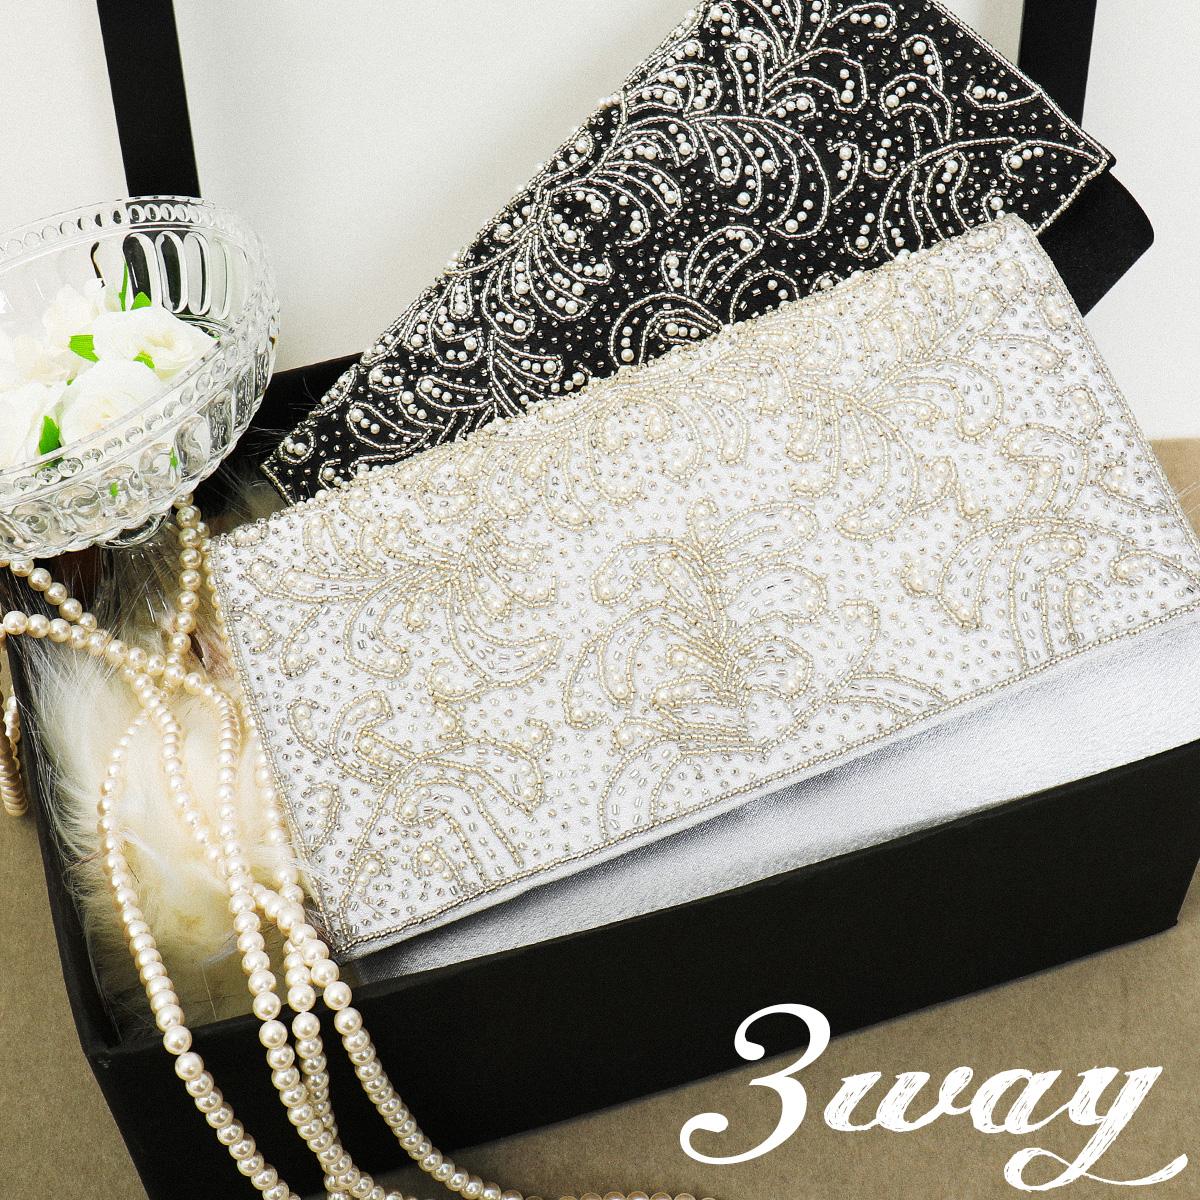 ビジュー刺繍3wayパーティーバッグ